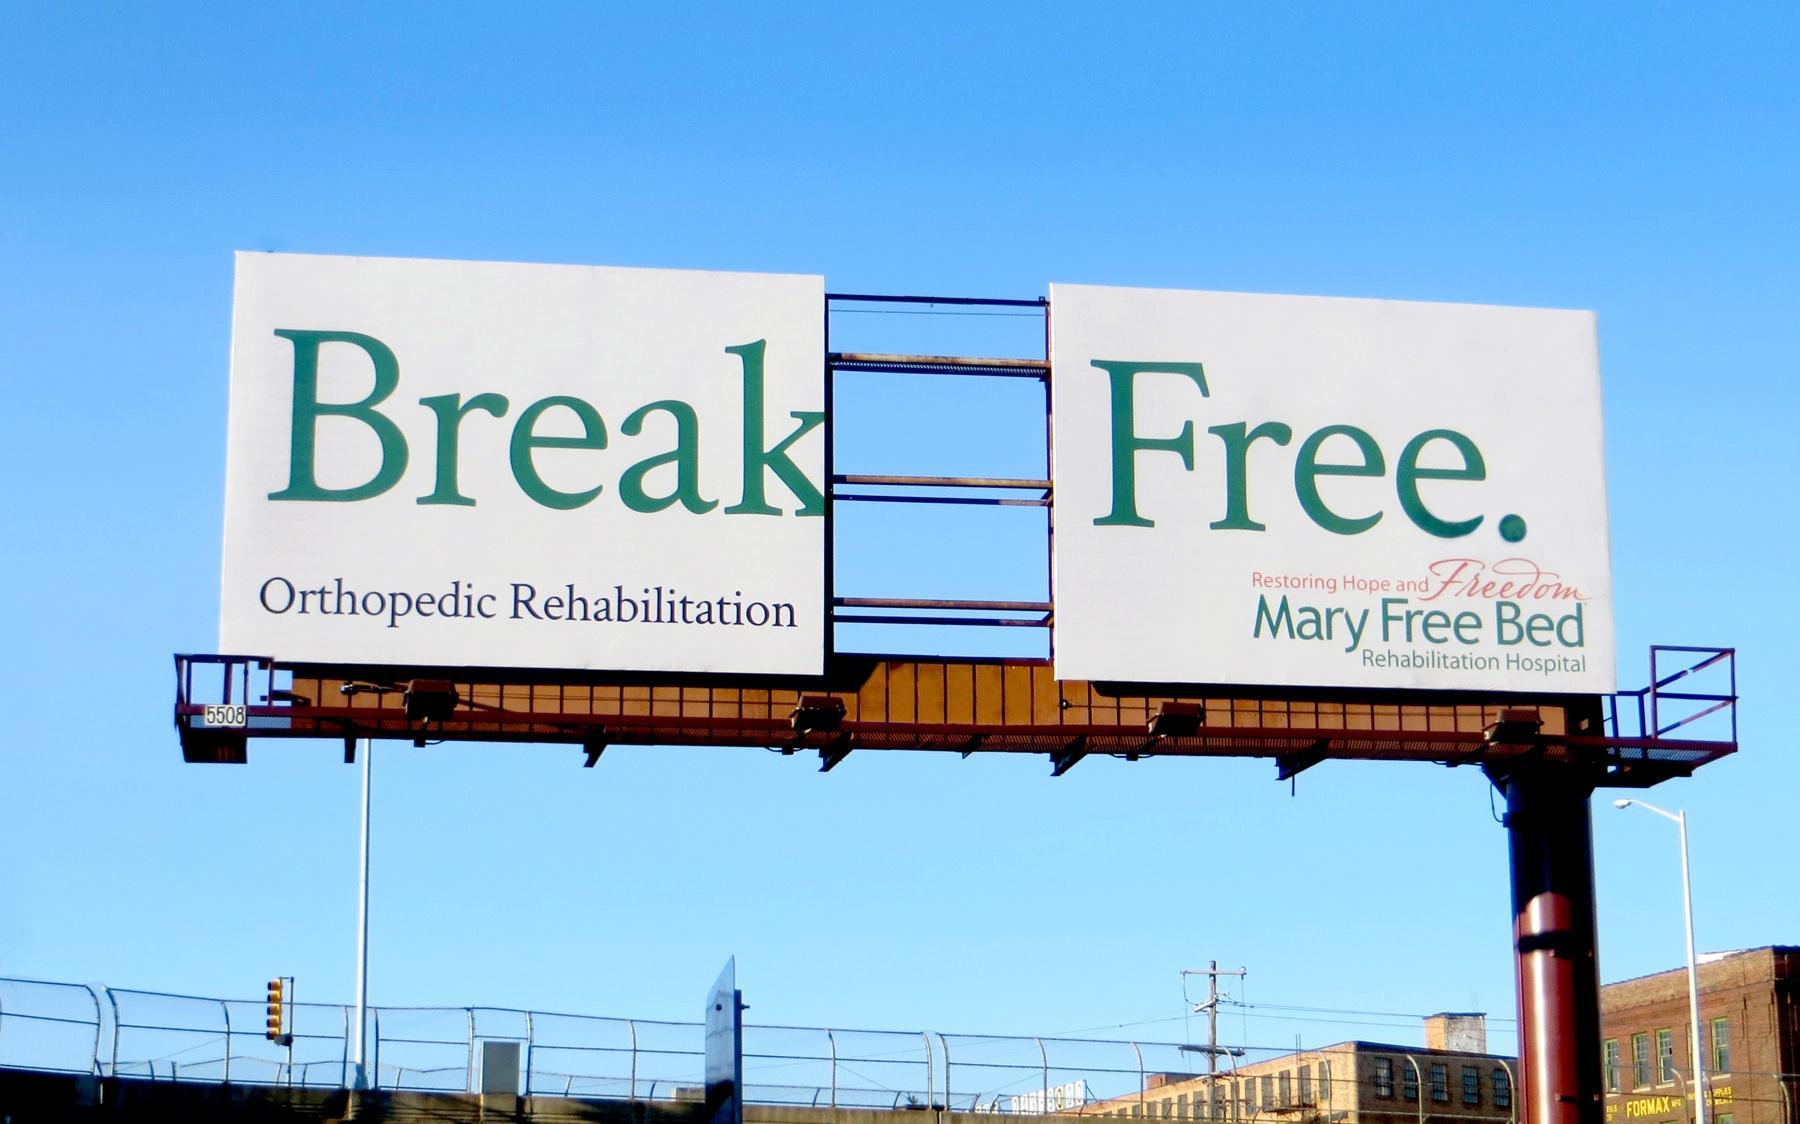 Mary Free Bed Rehabilitation Hospital Outdoor Ad -  Break Free